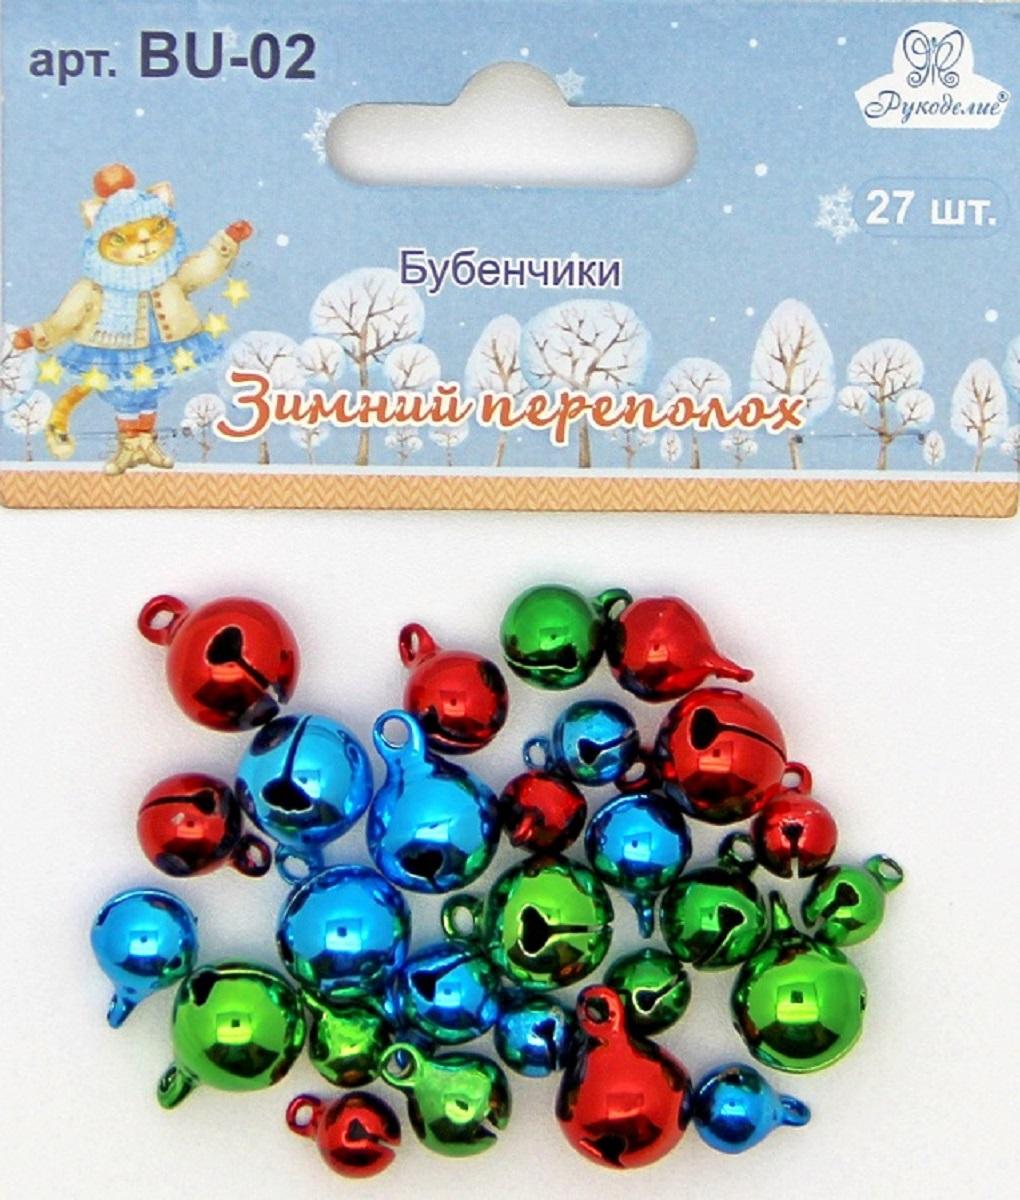 """Бубенчики Рукоделие """"Зимний переполох"""", цвет: зеленый, красный, синий, 27 шт"""